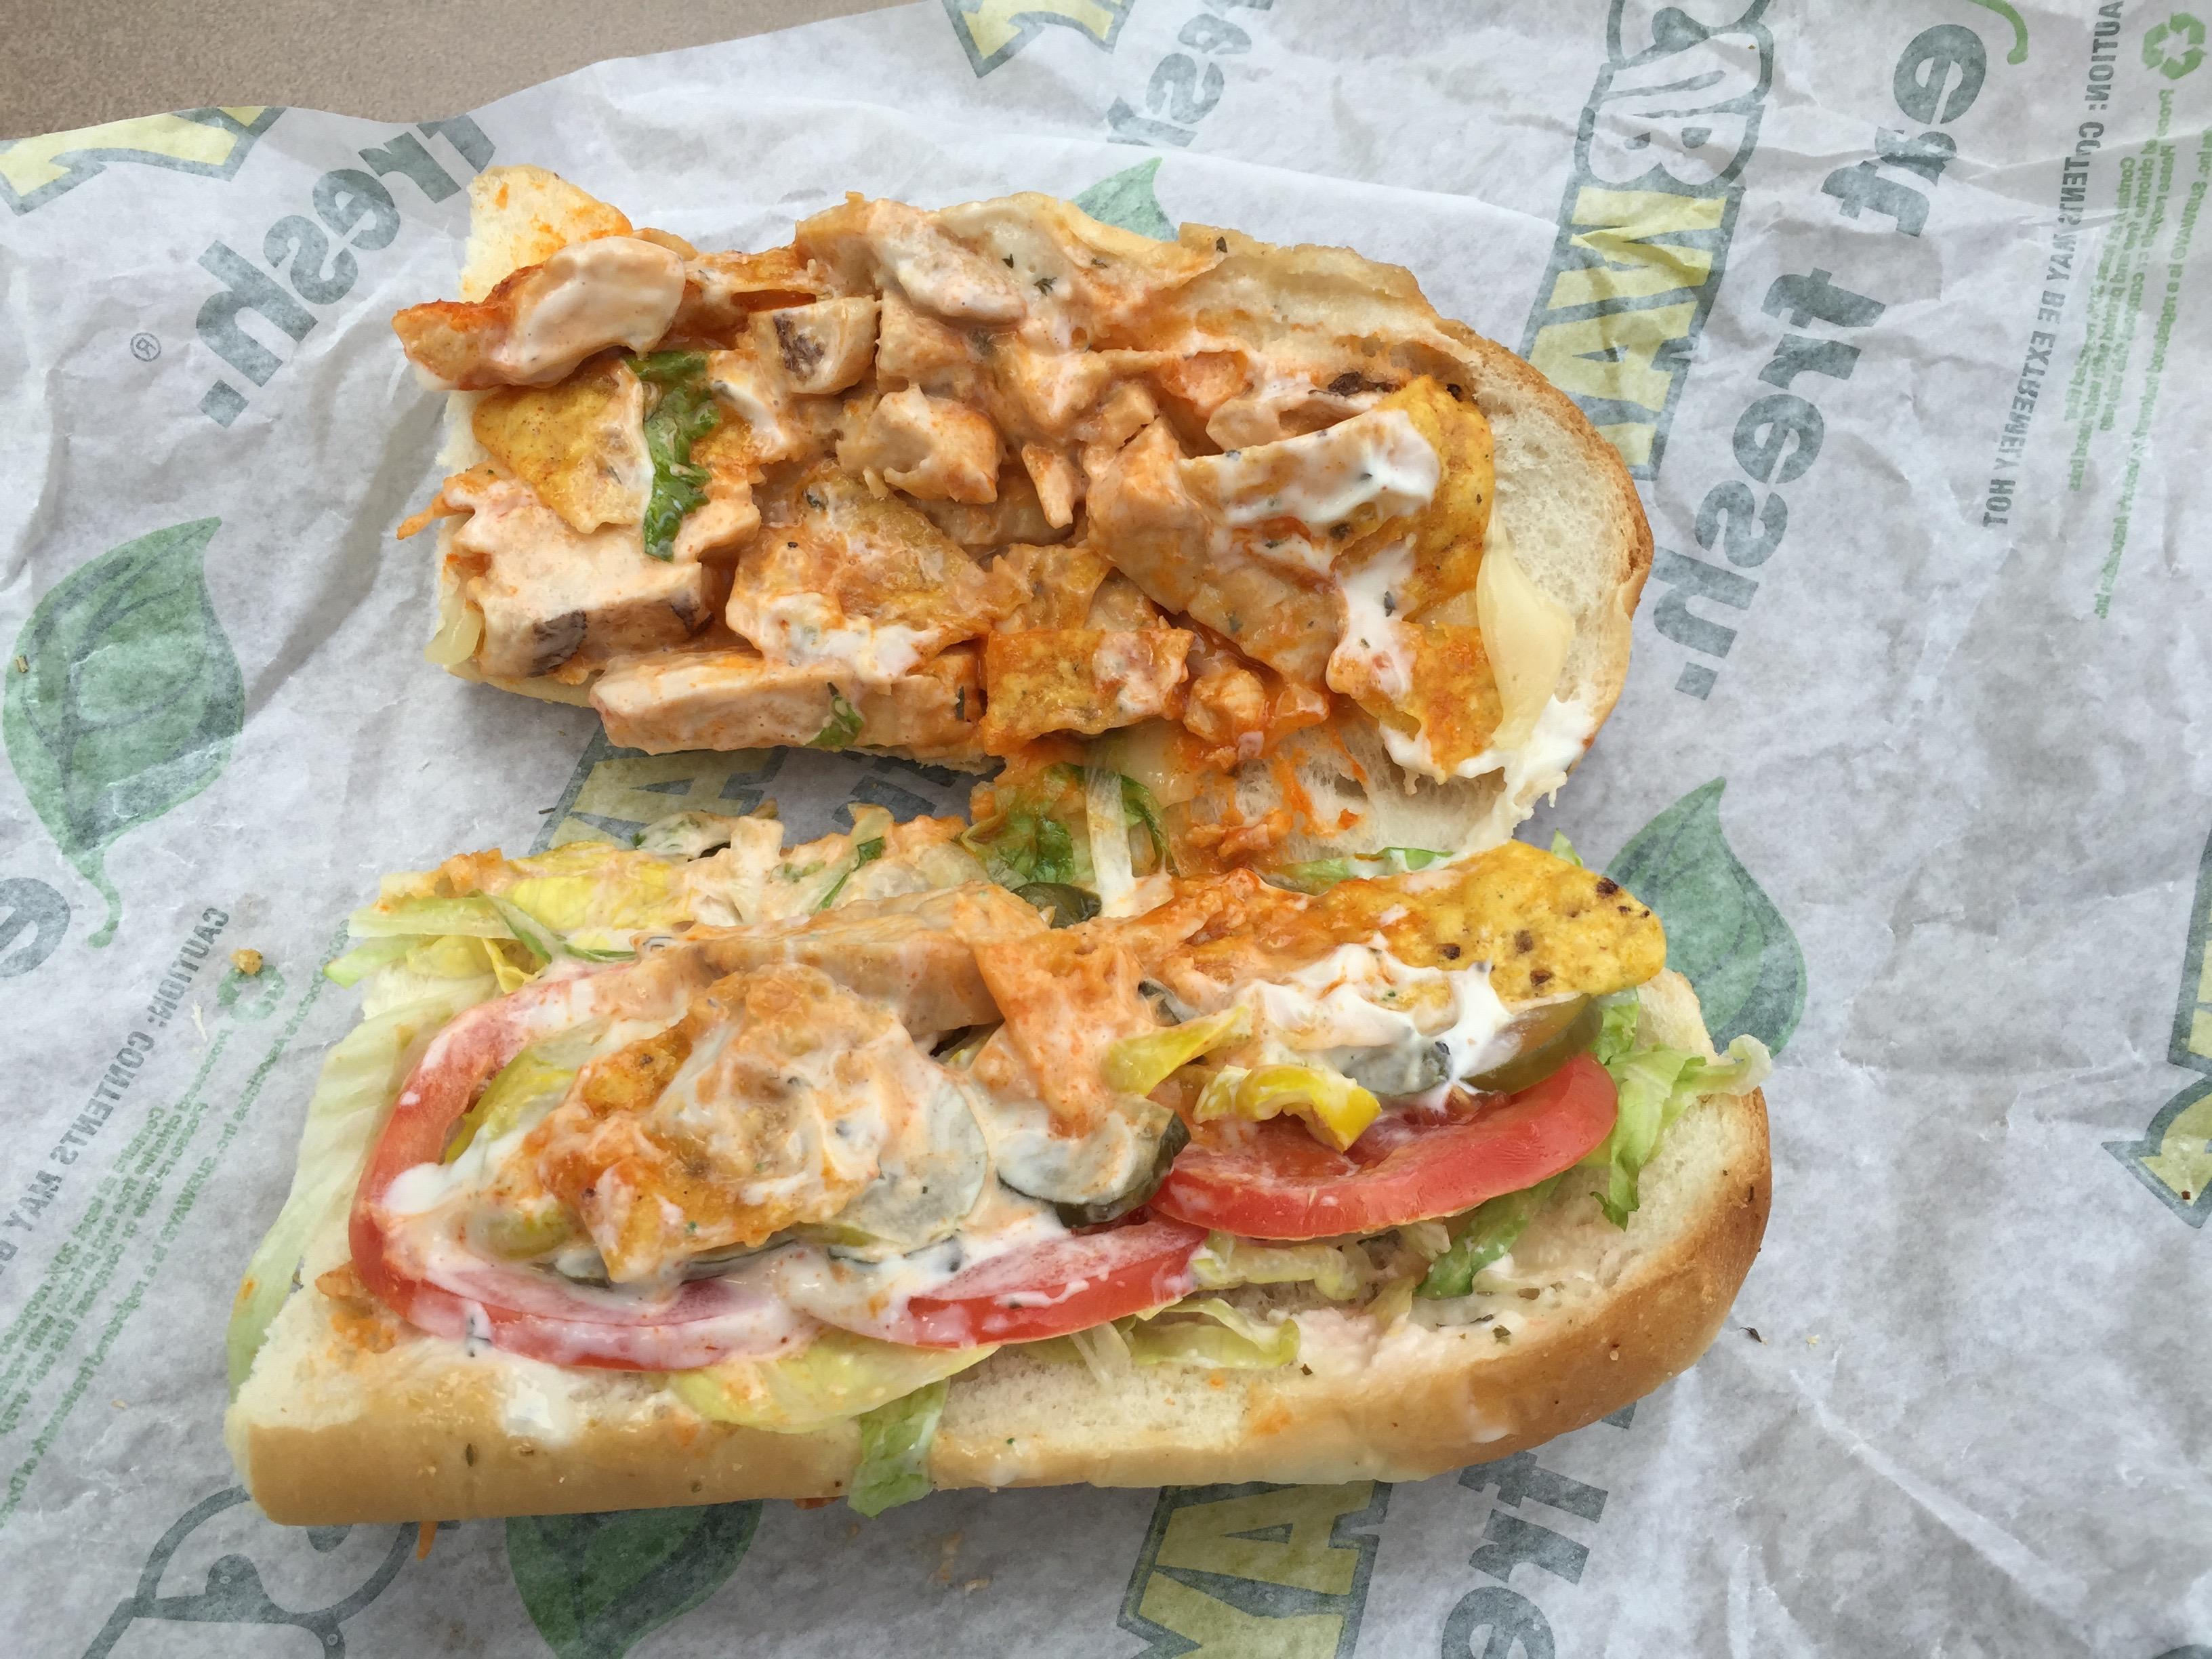 Subway Buffalo Chicken Crunch [Review